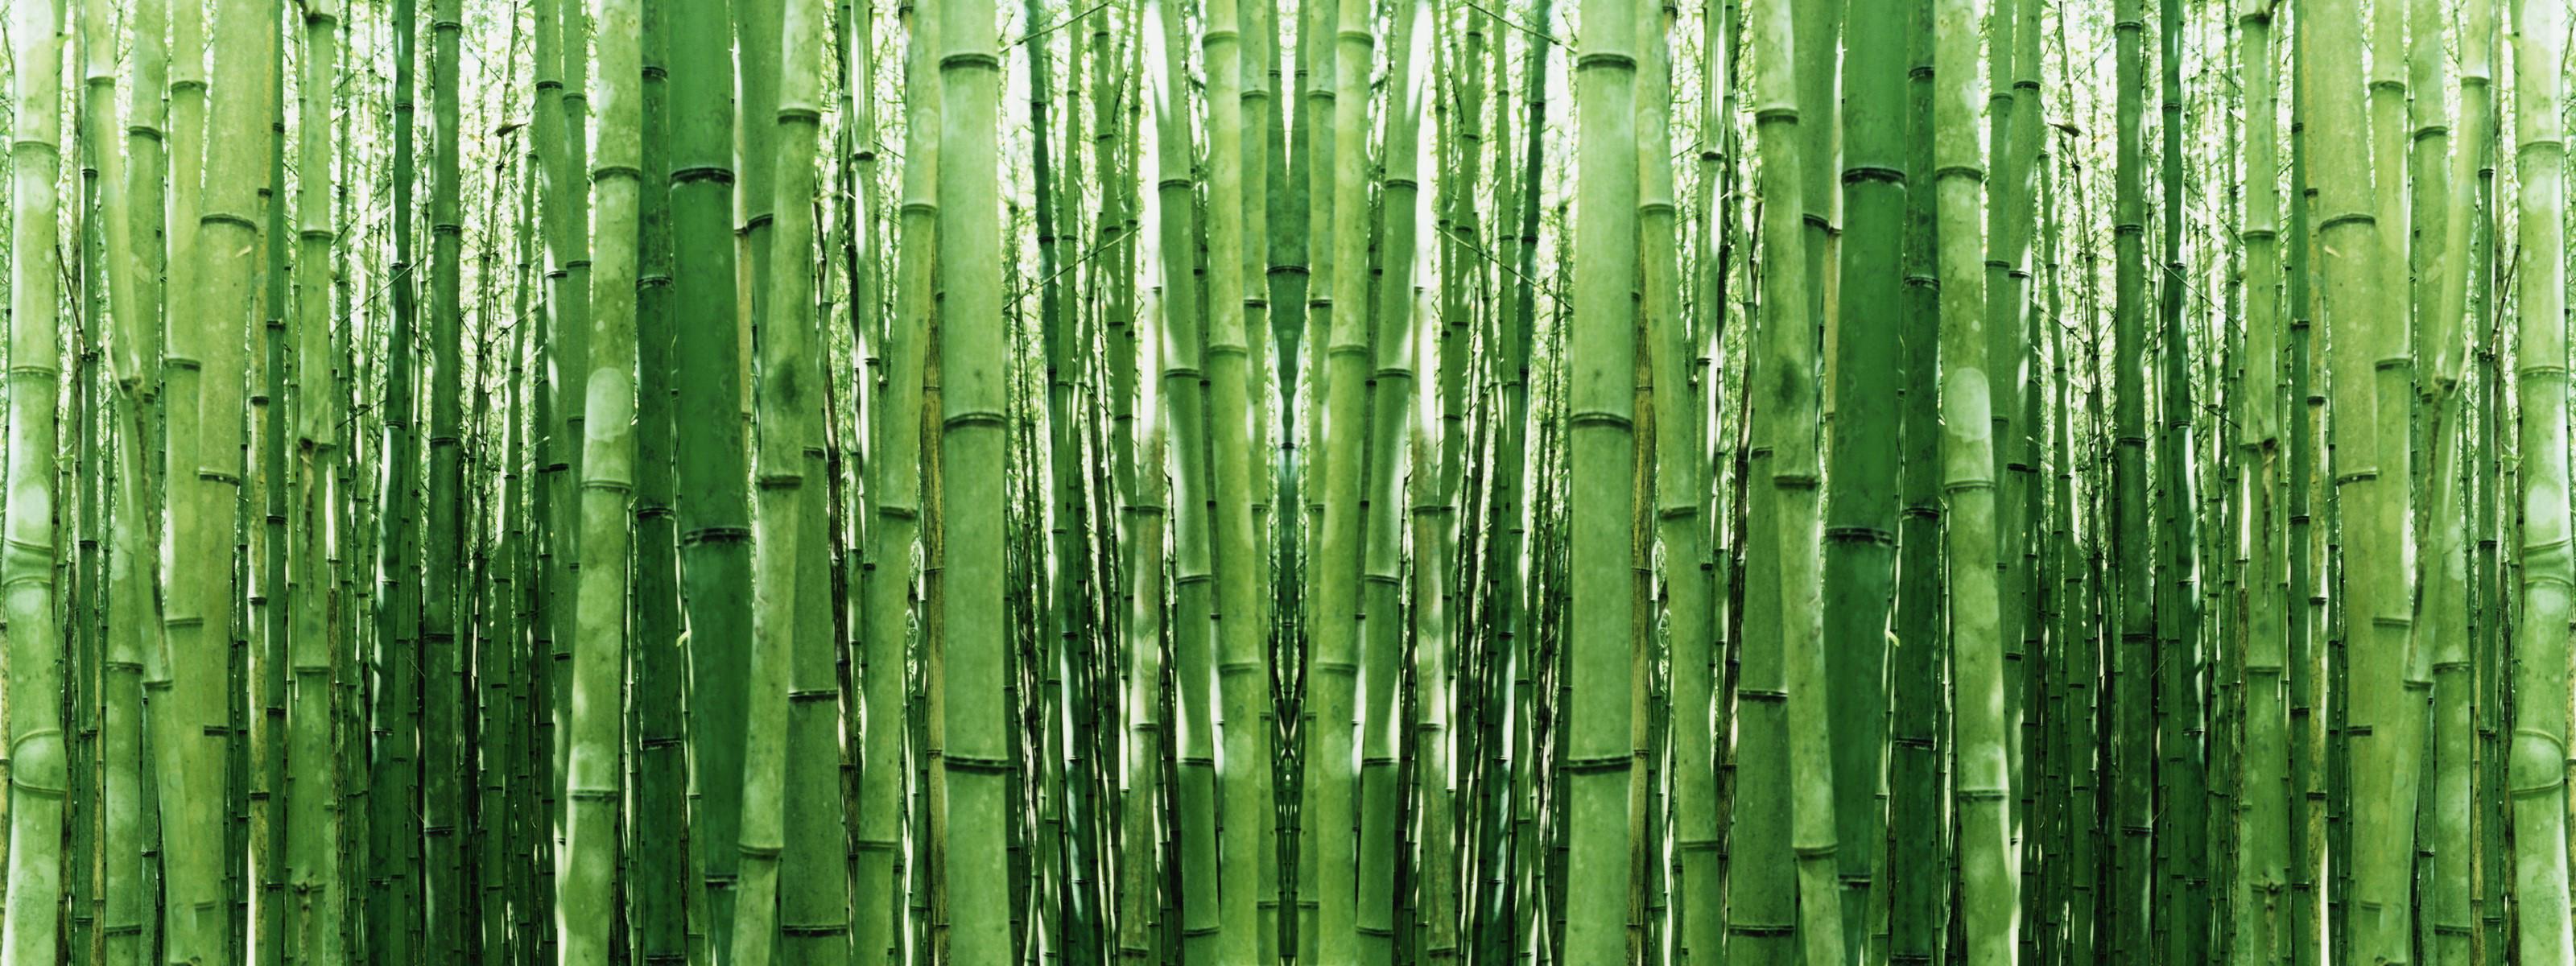 green bamboo wallpaper 63